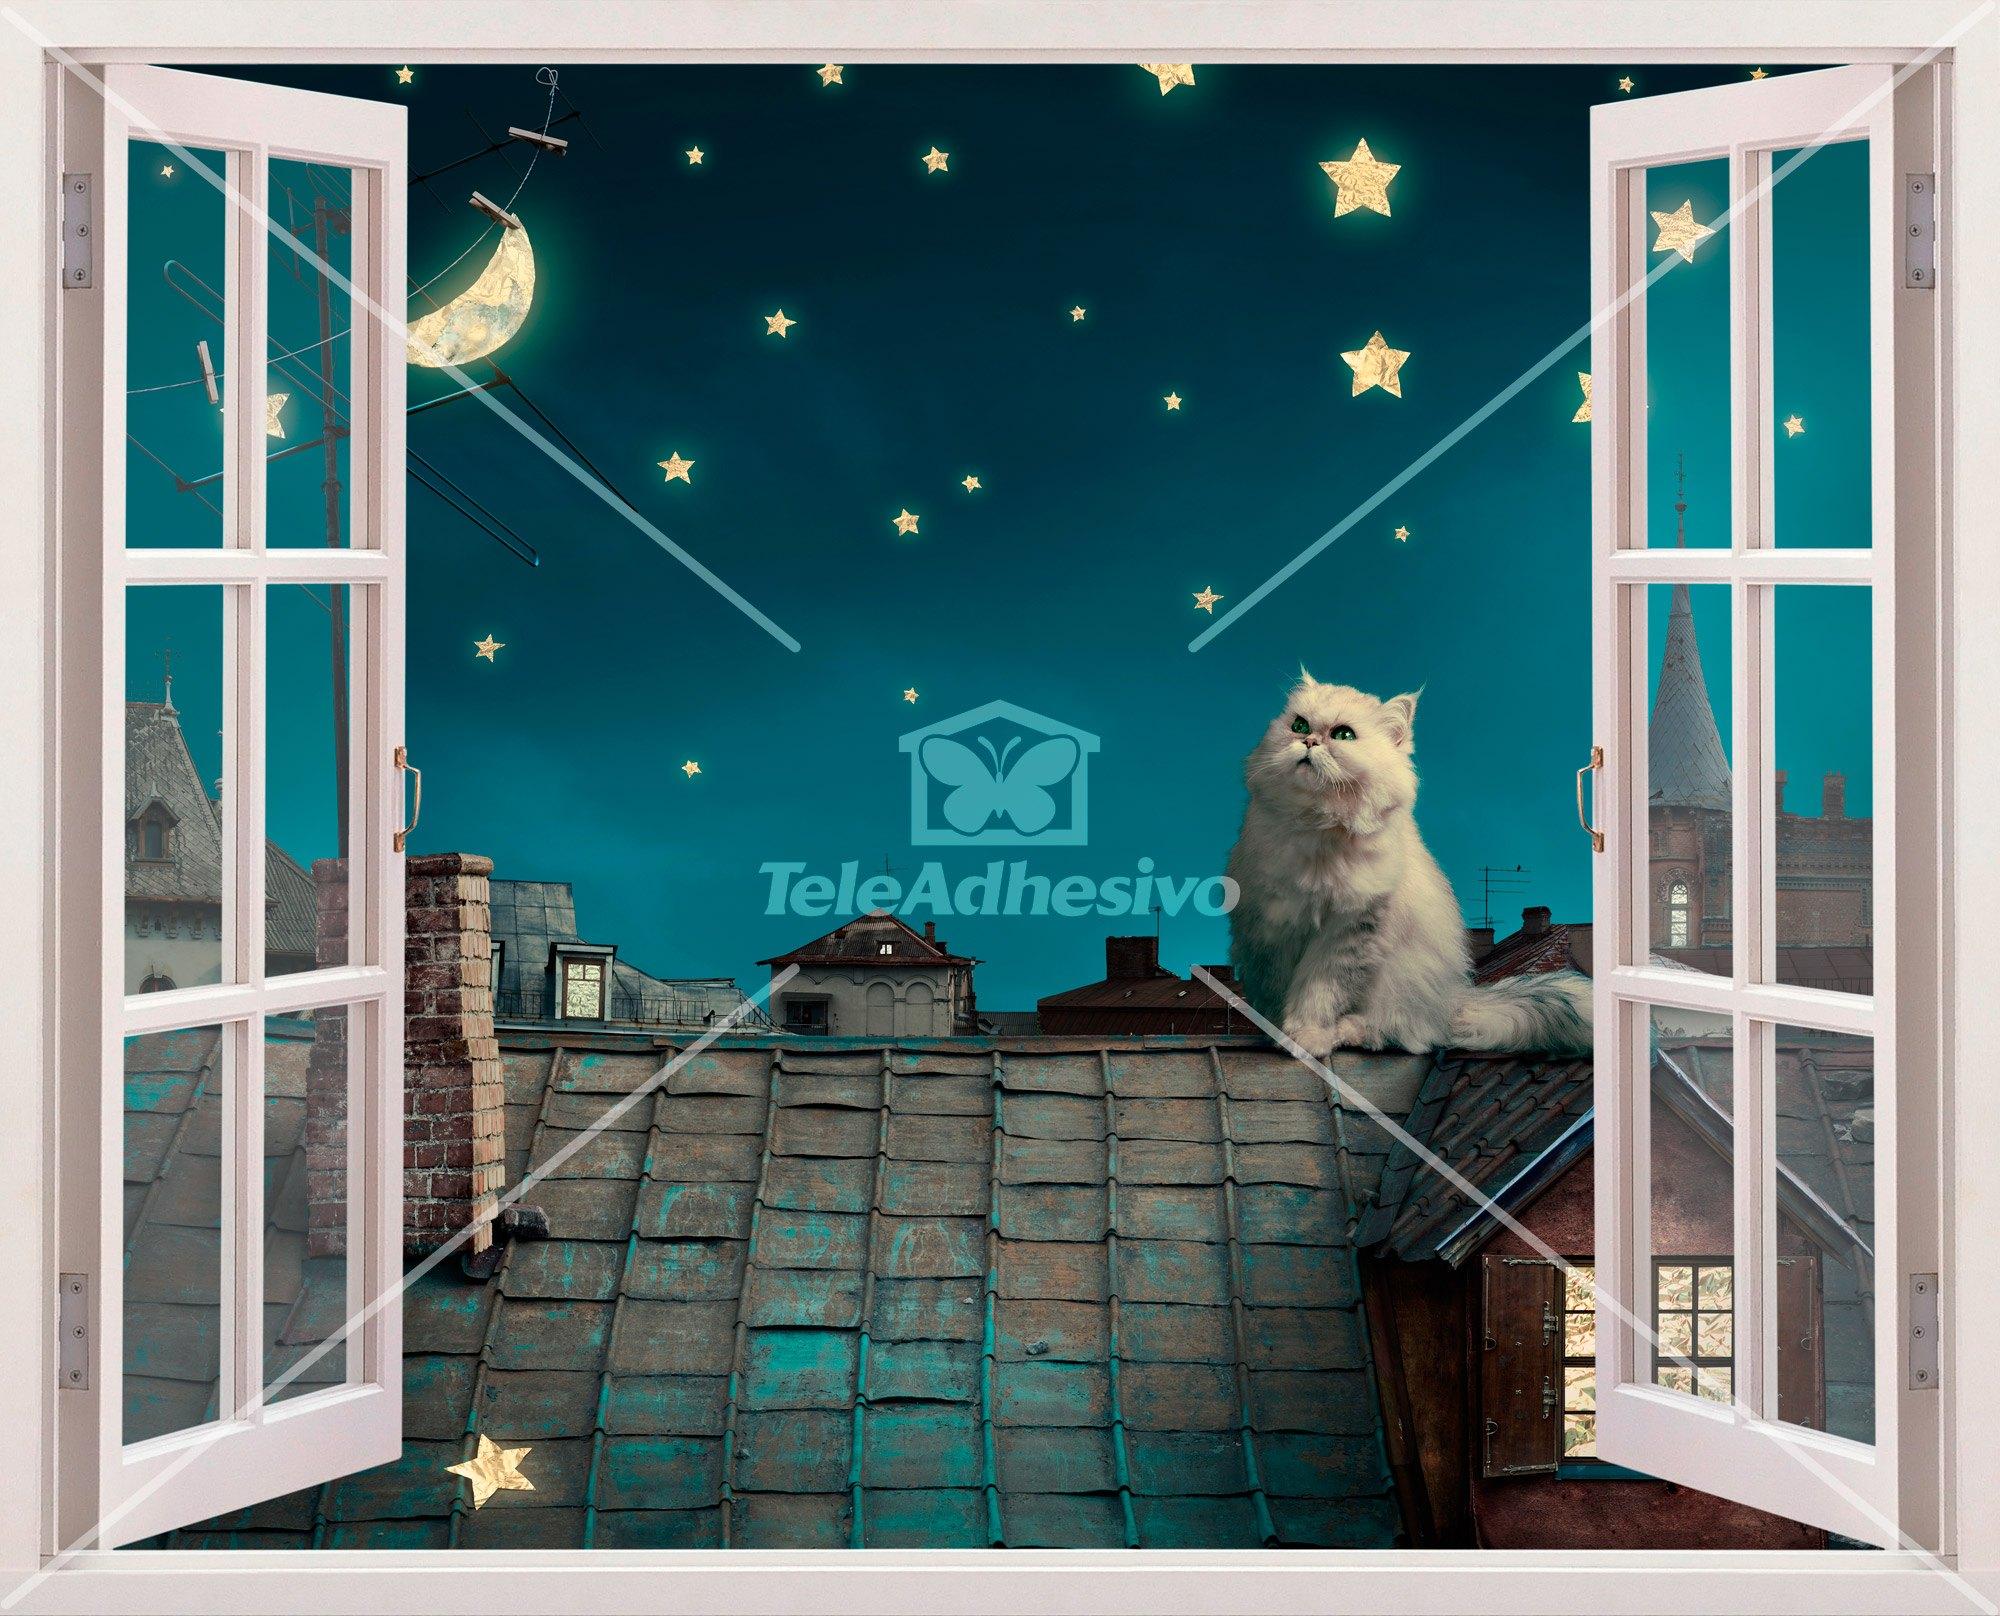 Wandtattoos: Eine Katze auf dem Dach